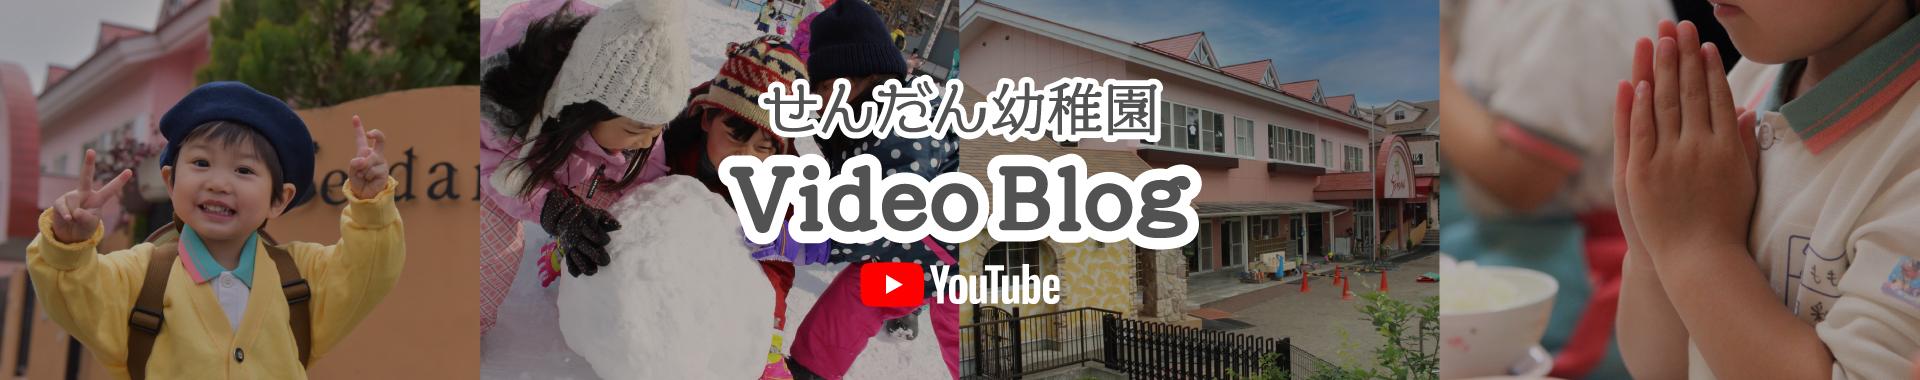 せんだん幼稚園 Vlog